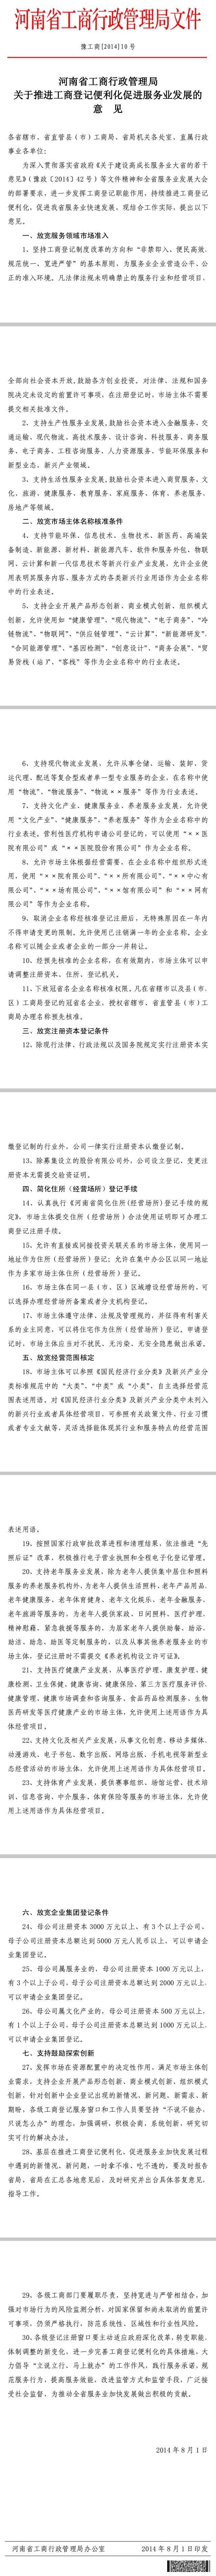 豫工商〔2014〕10号《河南省工商行政管理局关于推进工商登记便利化促进服务业发展的意见》